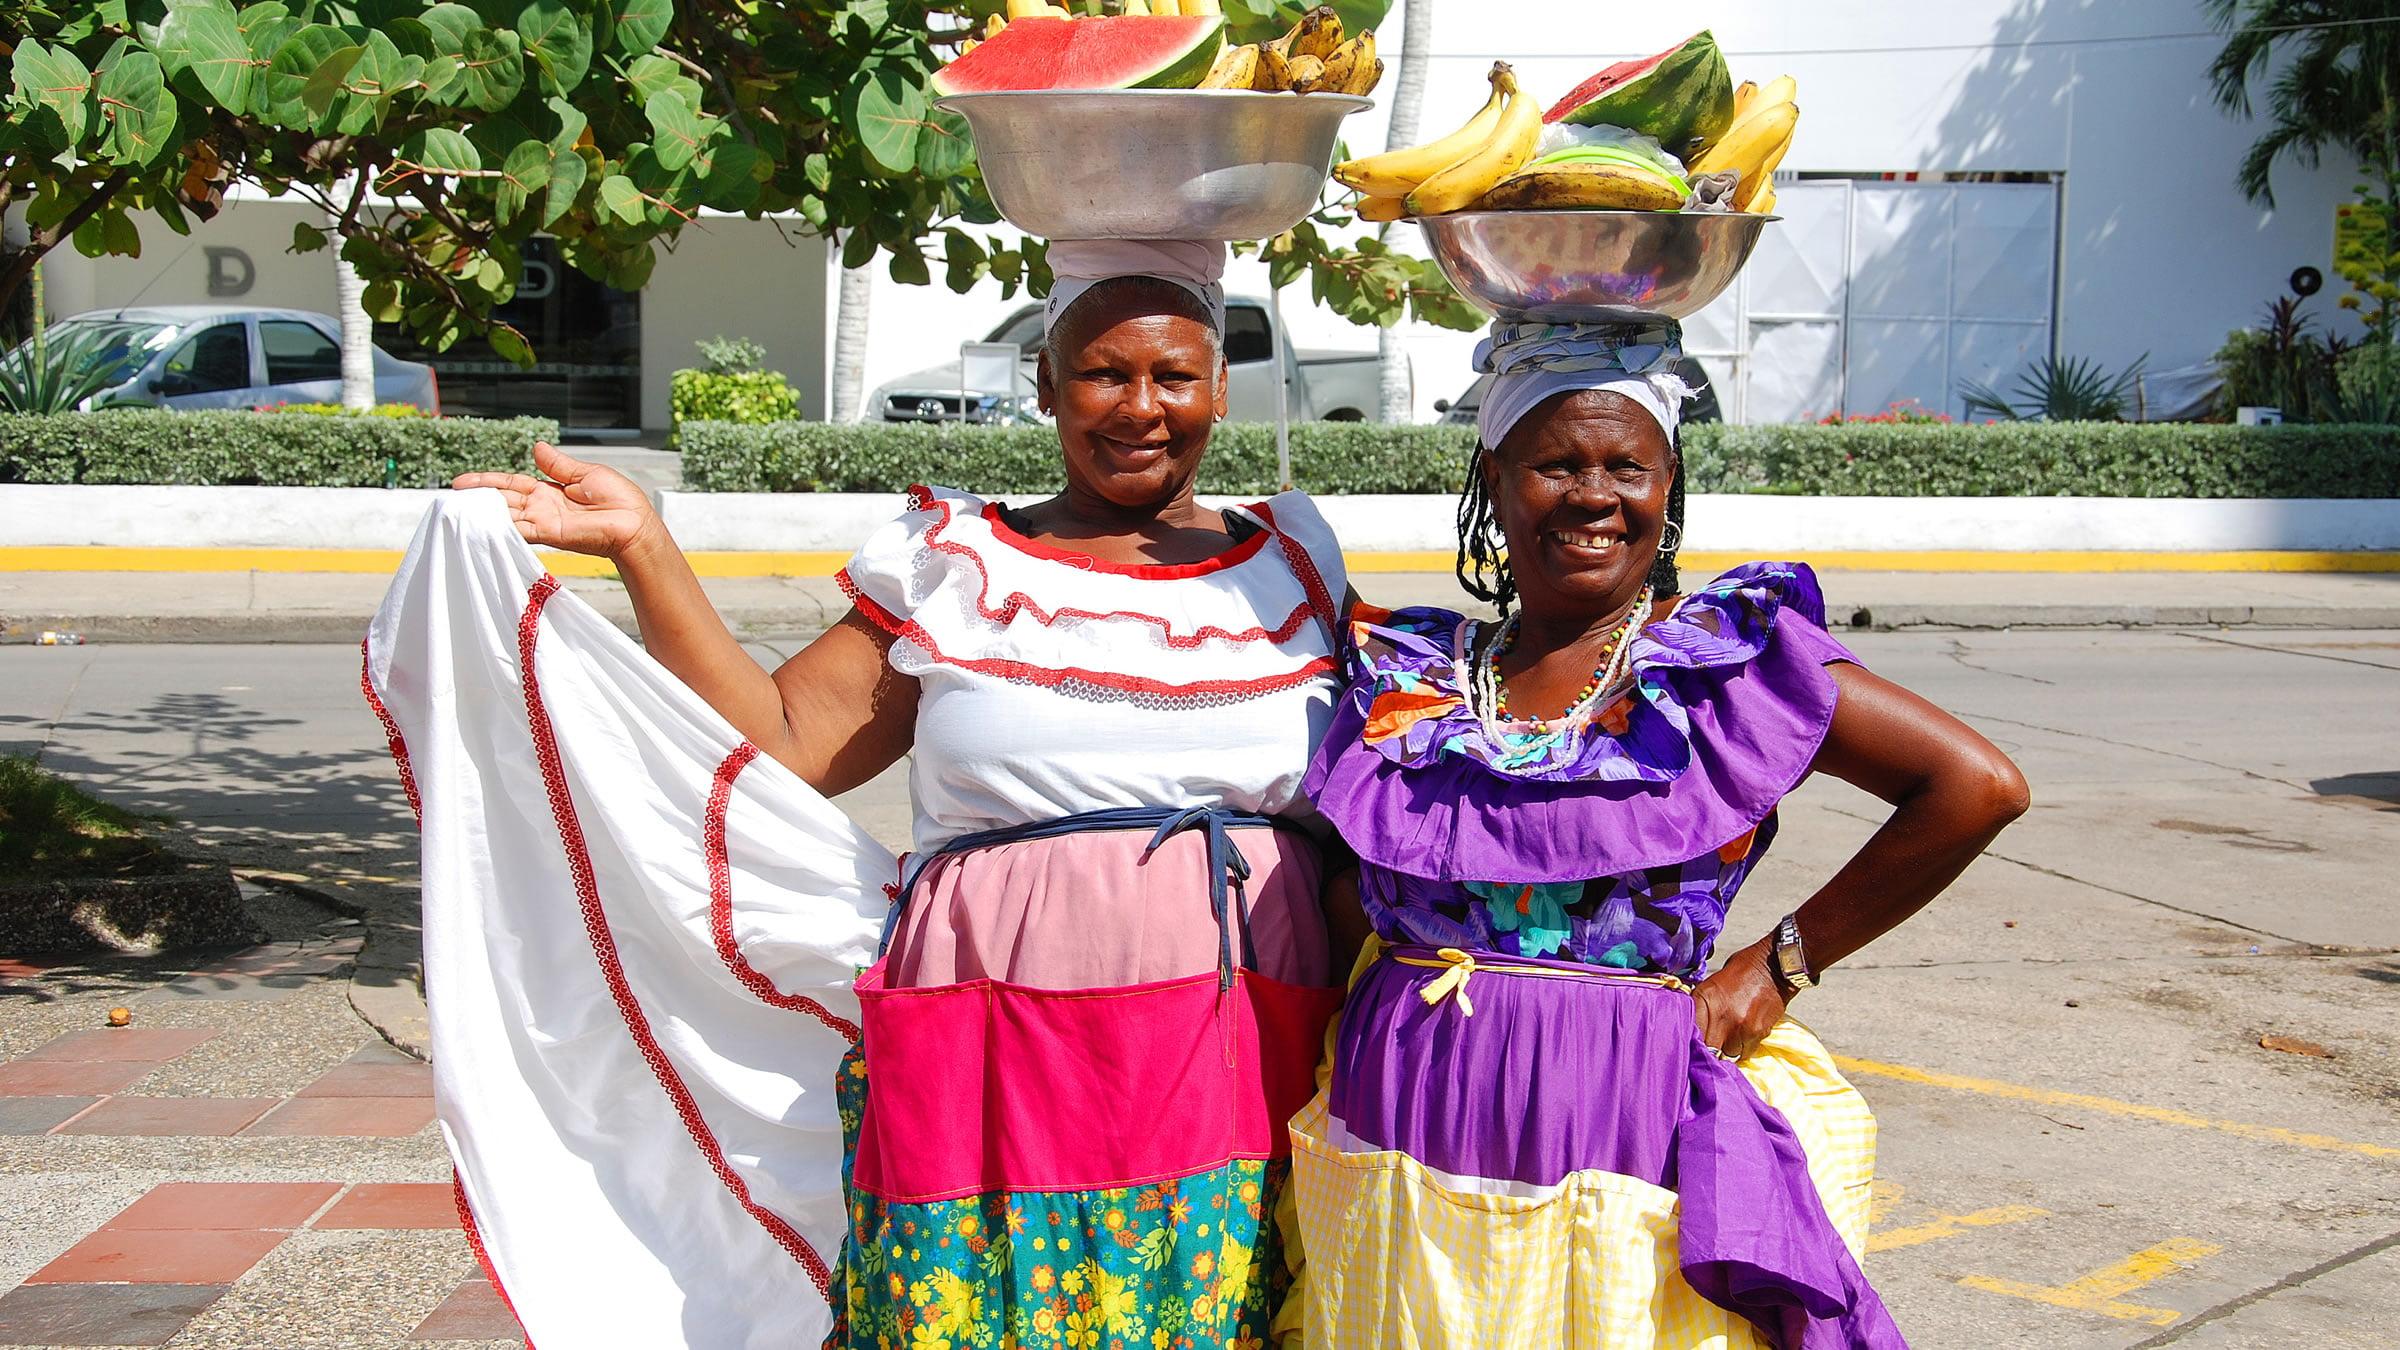 Mujeres palenqueras en Cartagena, Colombia